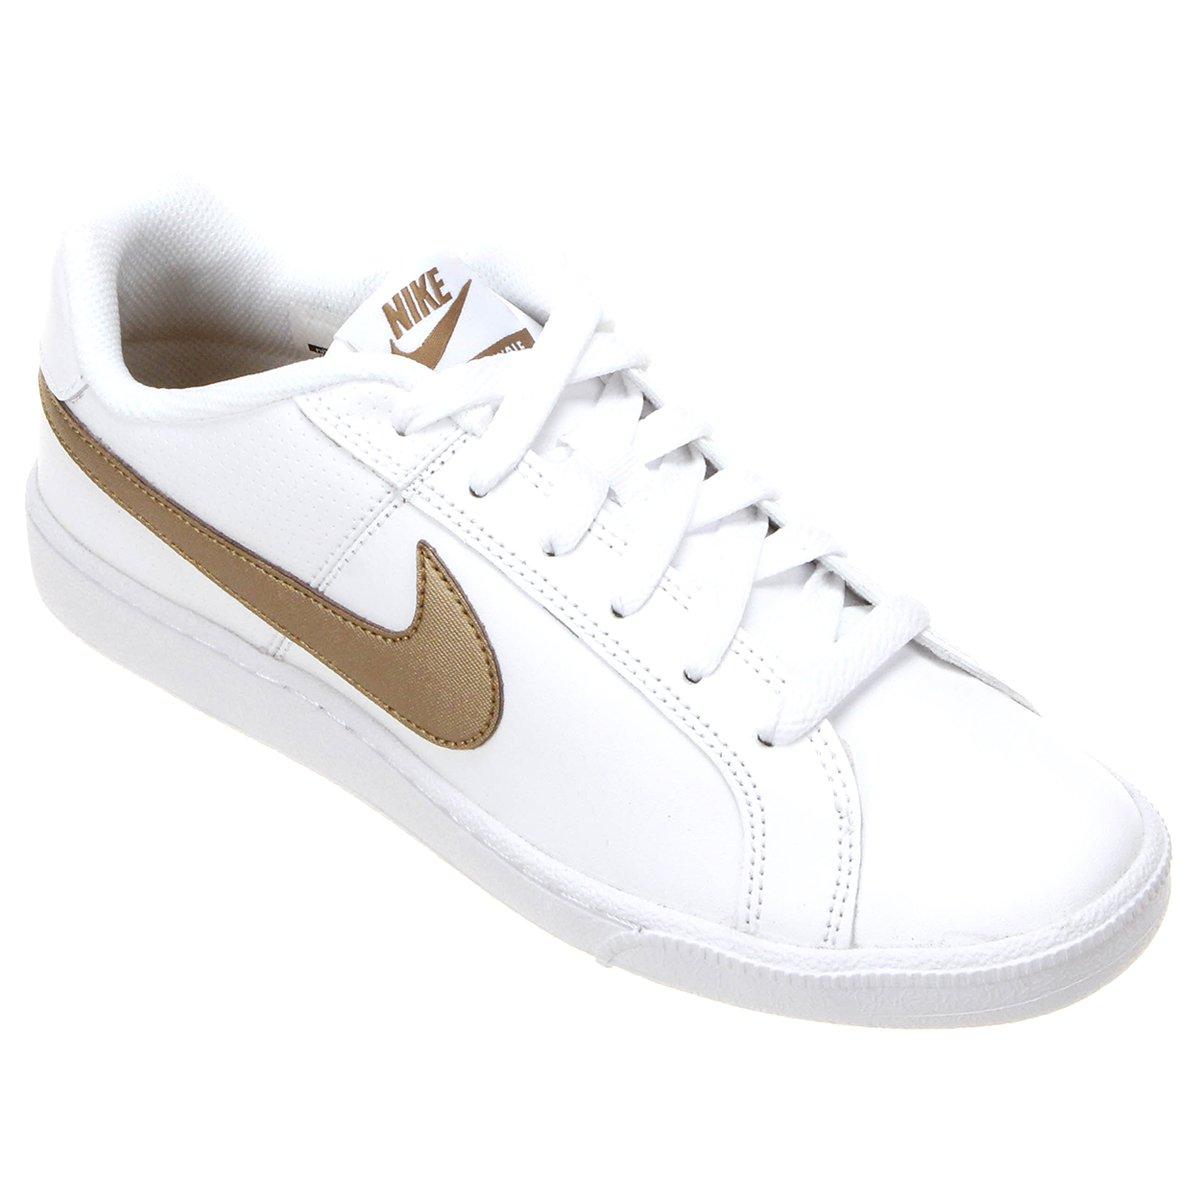 a7a24ce2cda Tênis Couro Nike Court Royale Feminino - Branco e dourado - Compre Agora